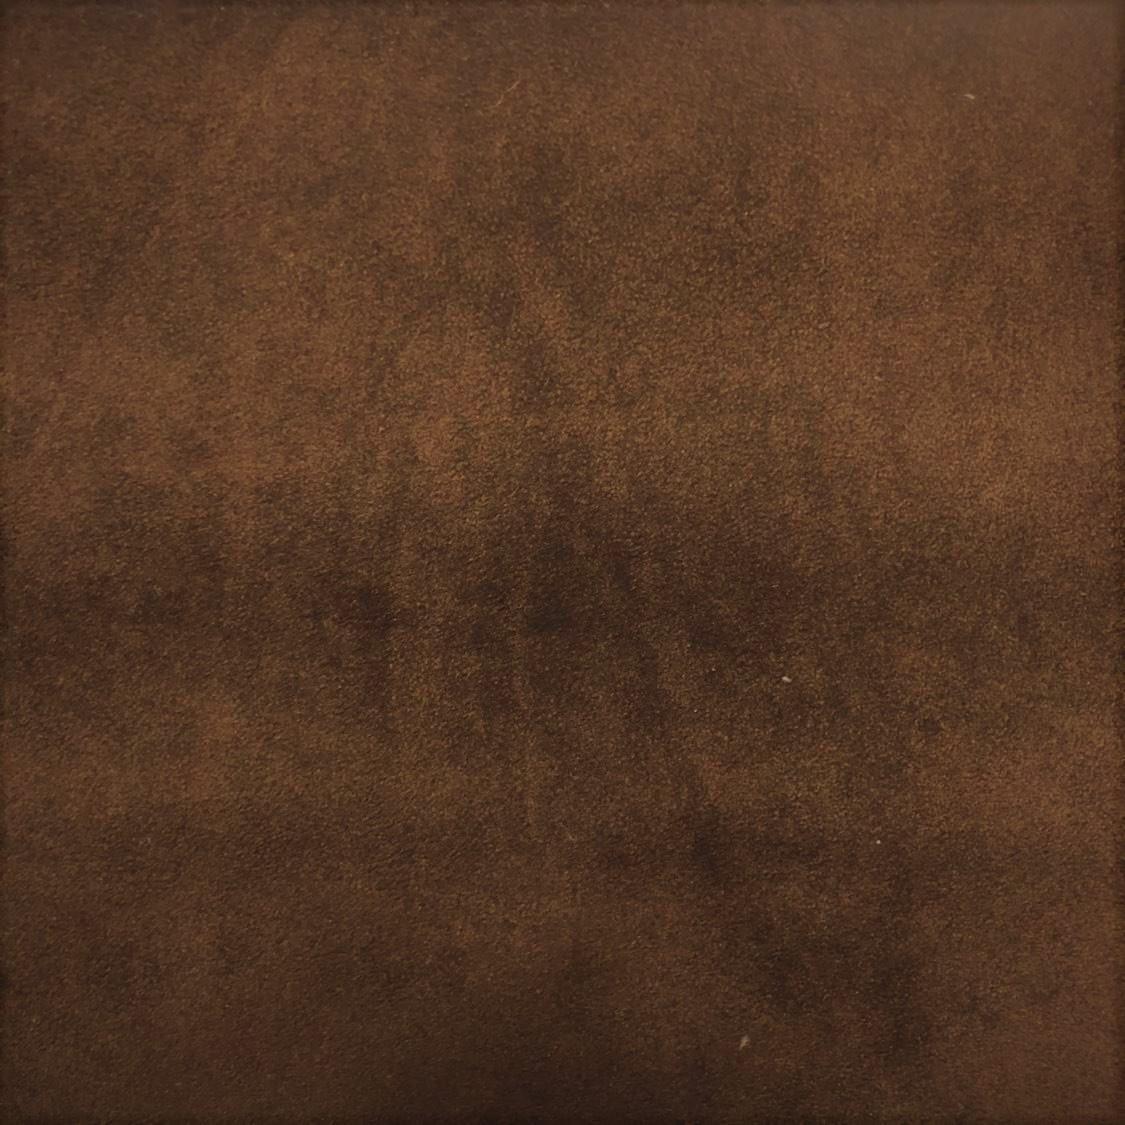 Ruskinn (brun)